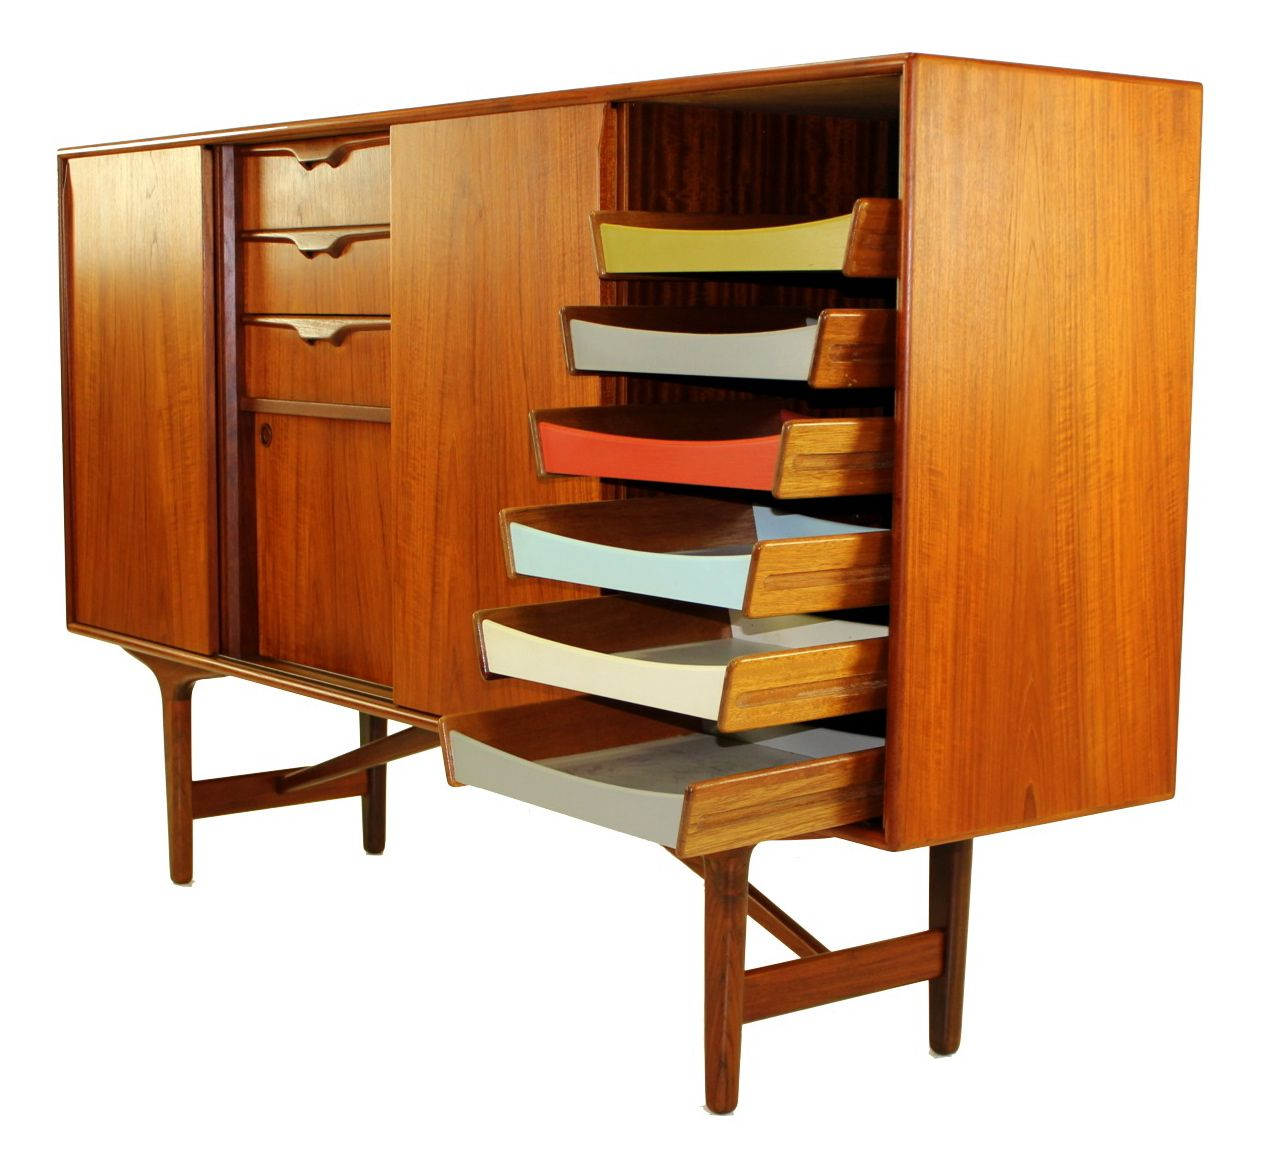 Furniture Mid Century Modern: Danish Modern Teak Credenza Designed By Borge Mogensen